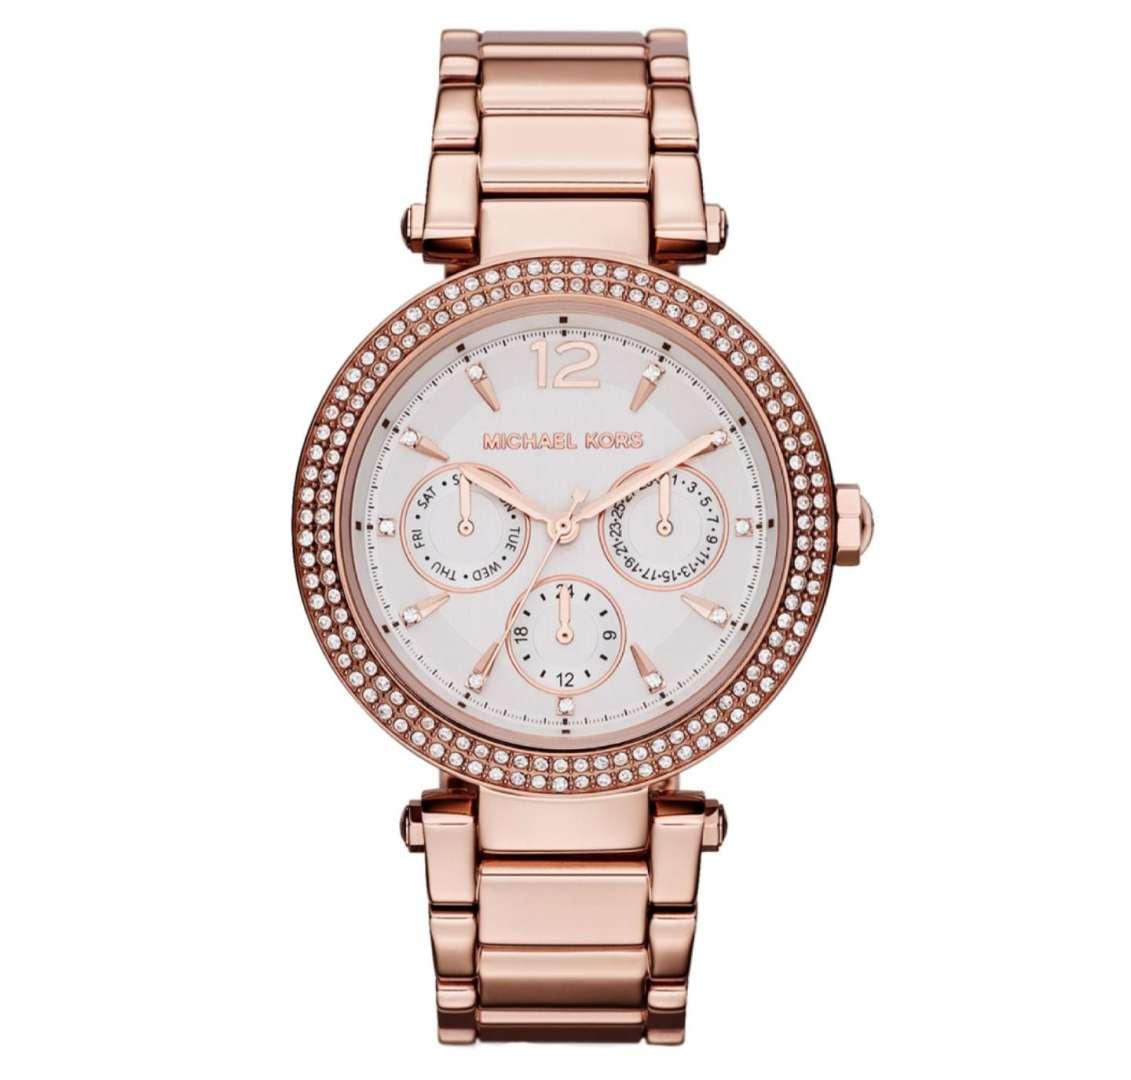 שעון יד אנלוגי לאישה michael kors mk5781 מייקל קורס